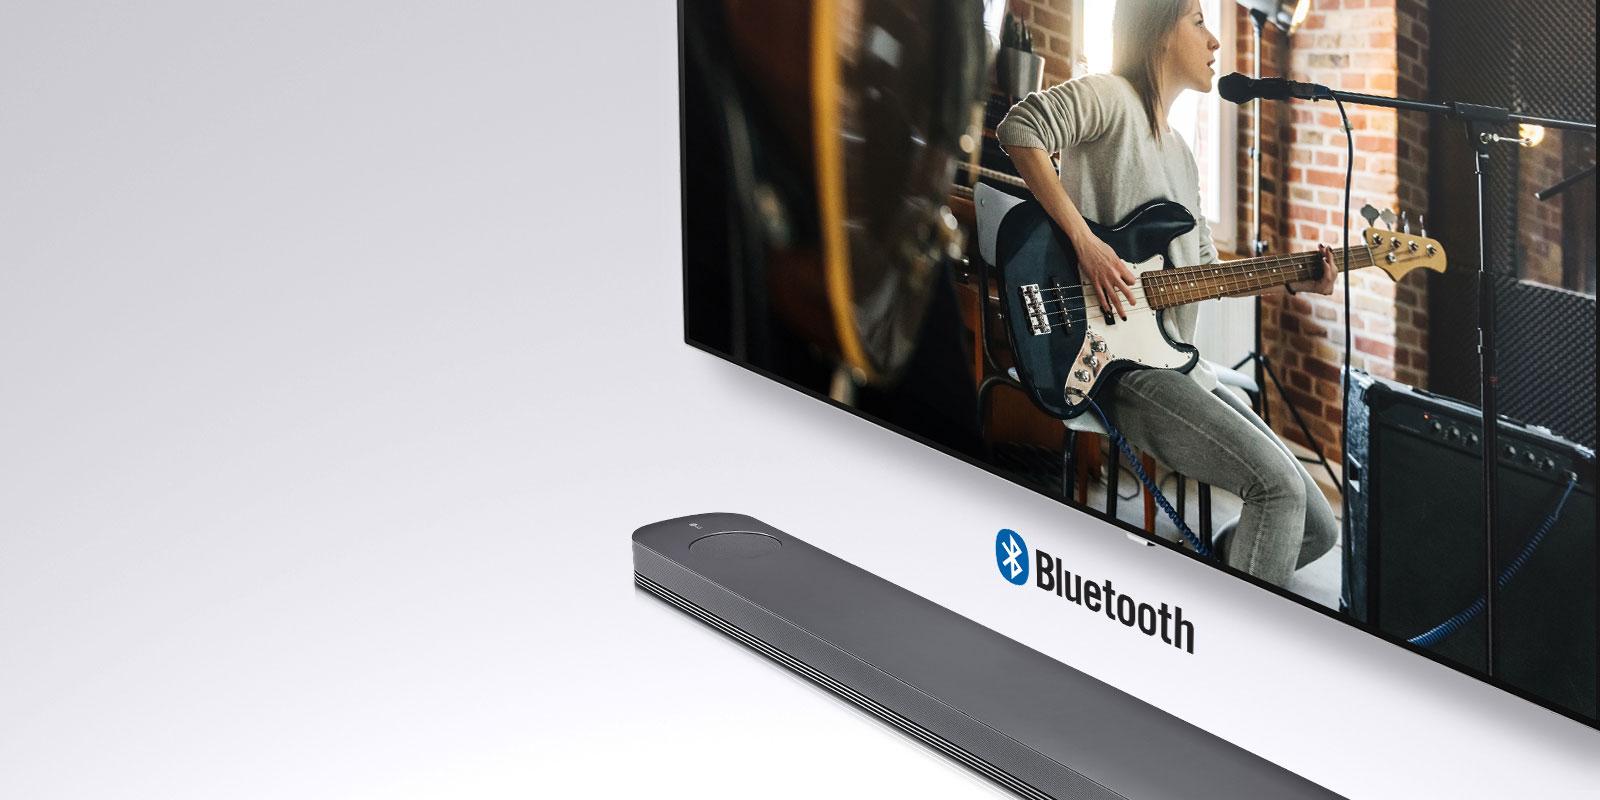 LG SJ9: 5 1 2 ch High Resolution Sound Bar w/ Dolby Atmos | LG AFRICA